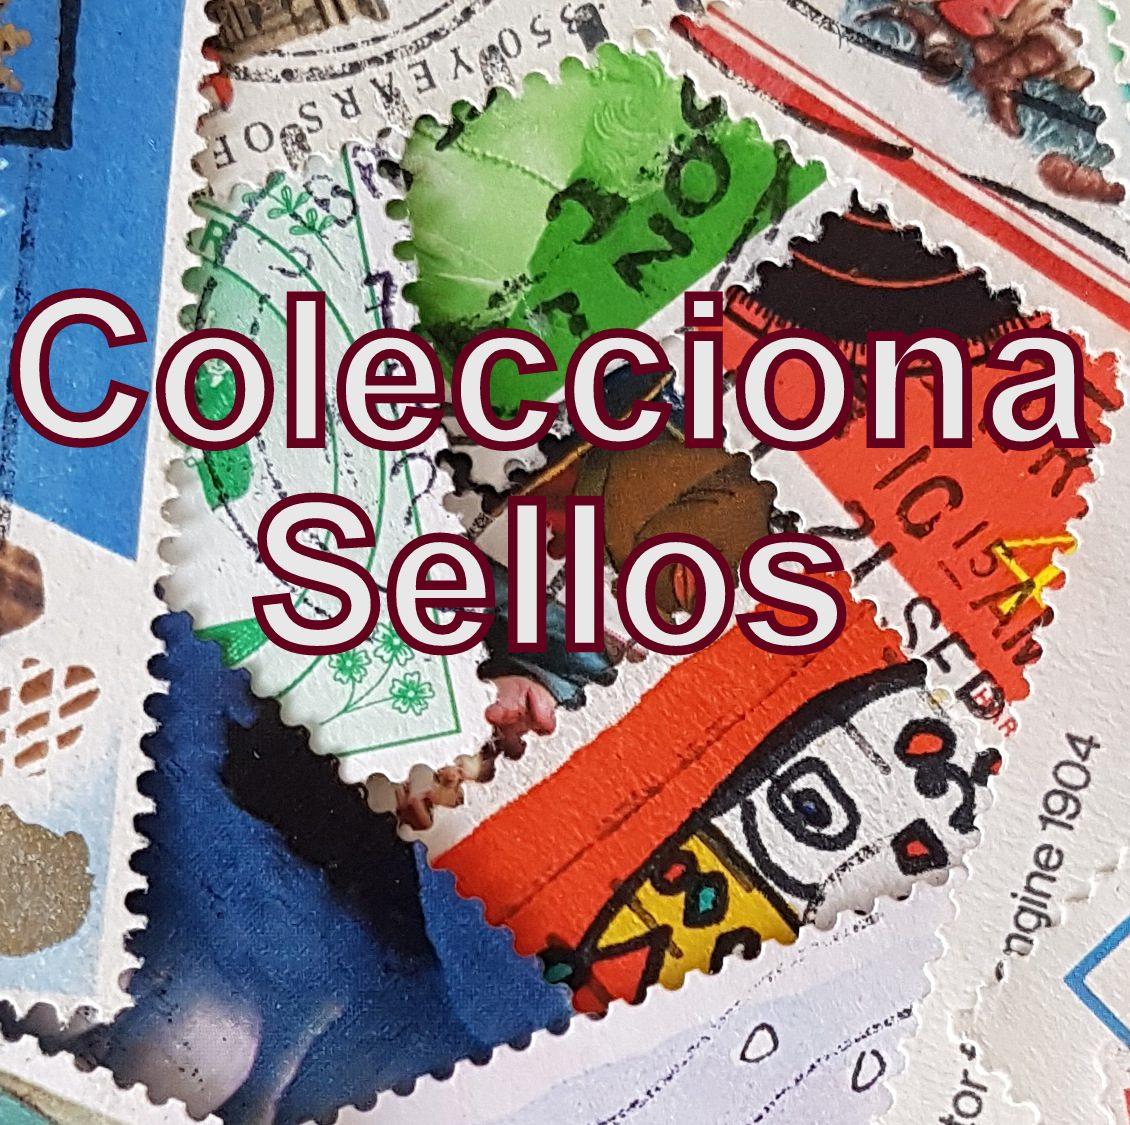 Colecciona Sellos